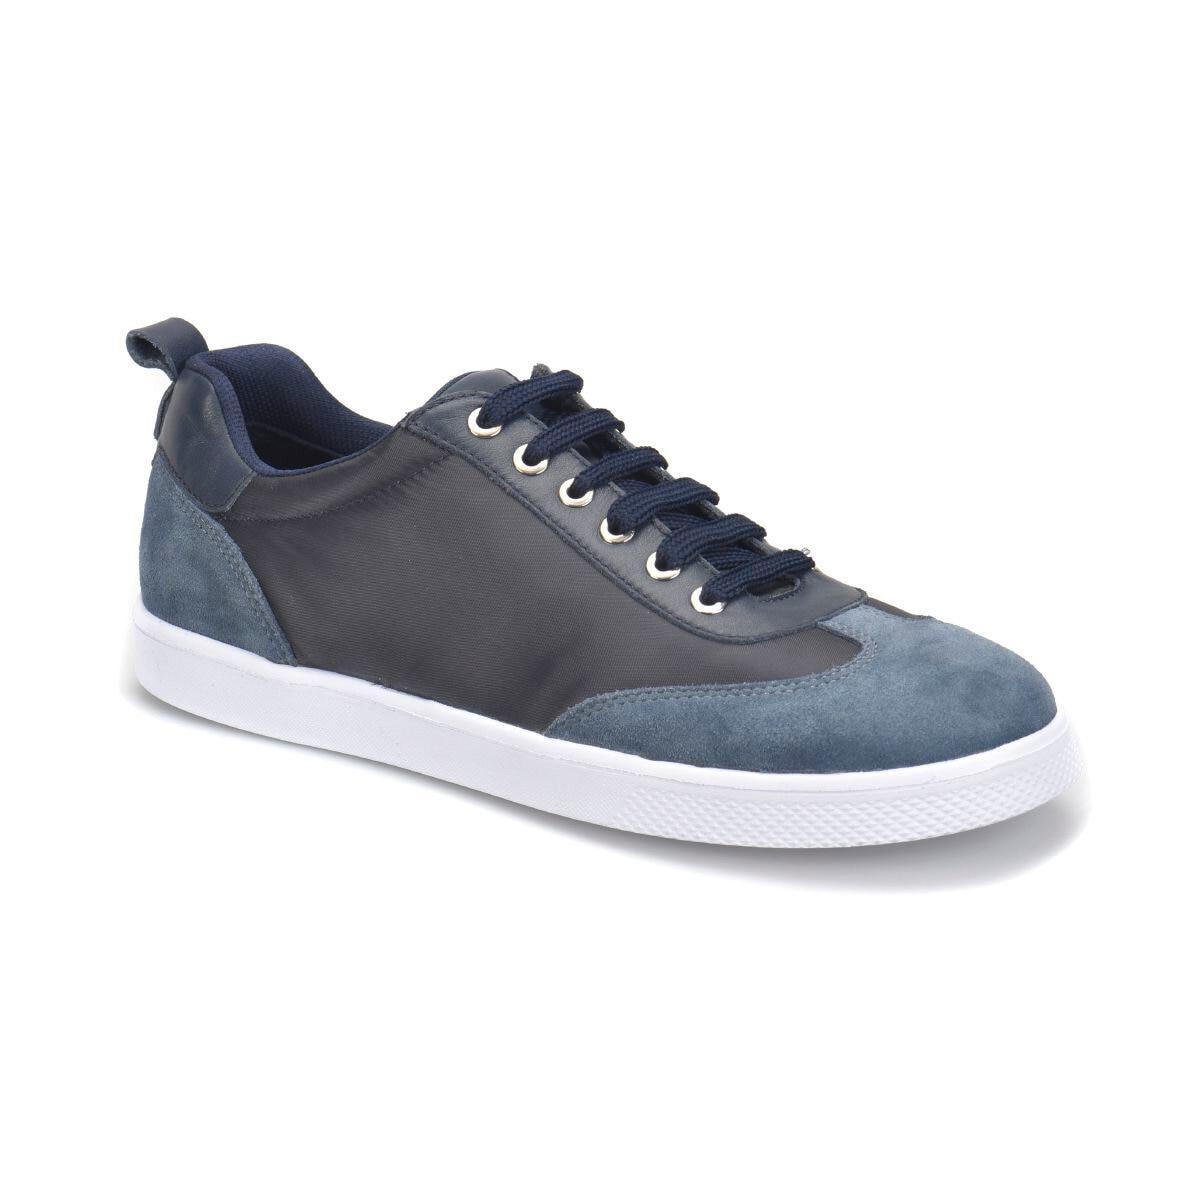 FLO azul marino hombres Casual zapatos primavera otoño Casual zapatos planos con cordones arriba bajo Zapatillas Hombre tenis masculino adulto zapatos Panama Club PR-300